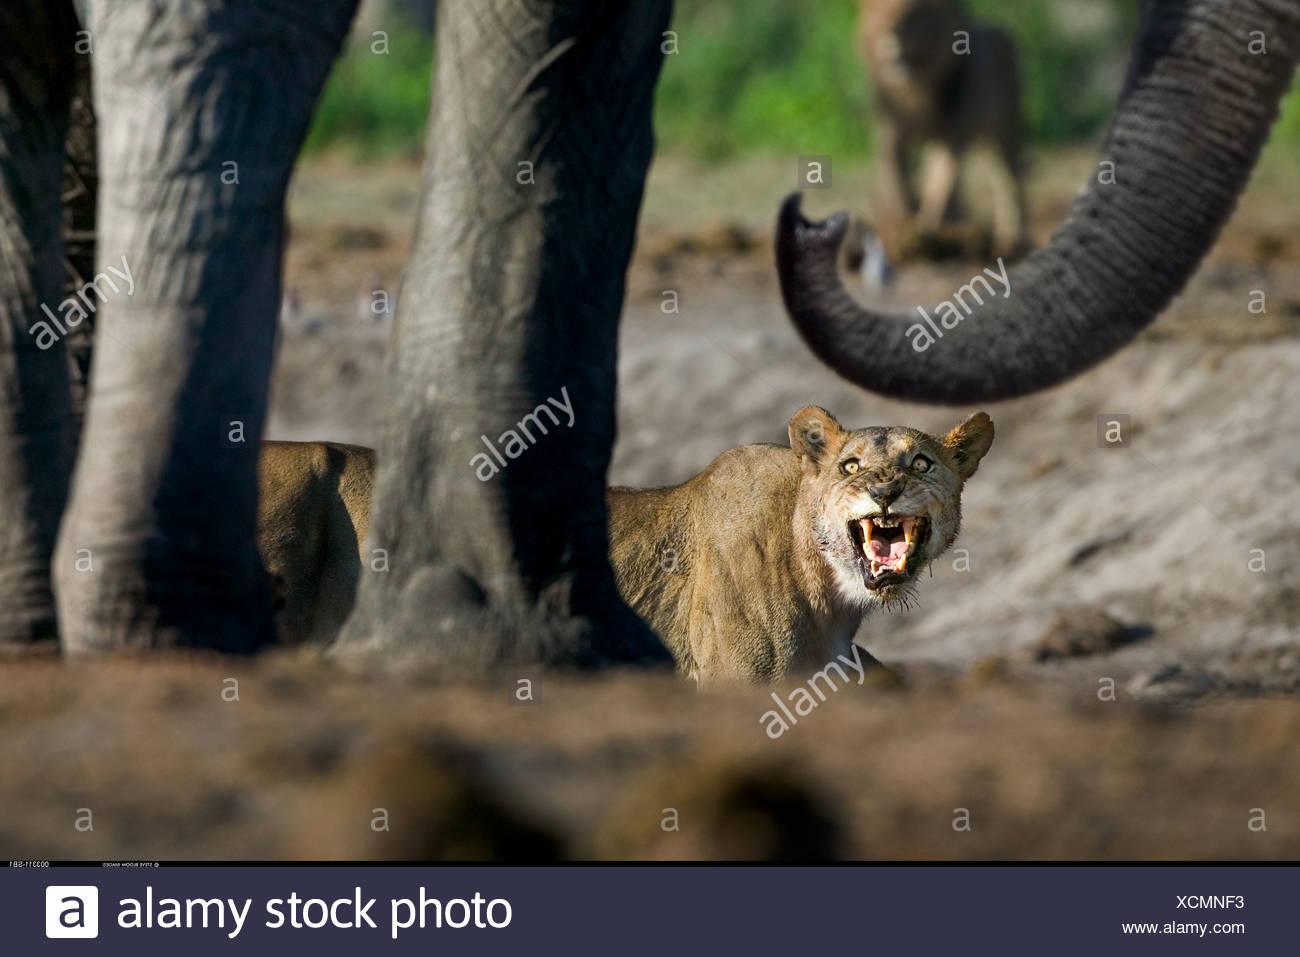 Confronto tra la leonessa e gli elefanti a waterhole Savuti Botswana Immagini Stock